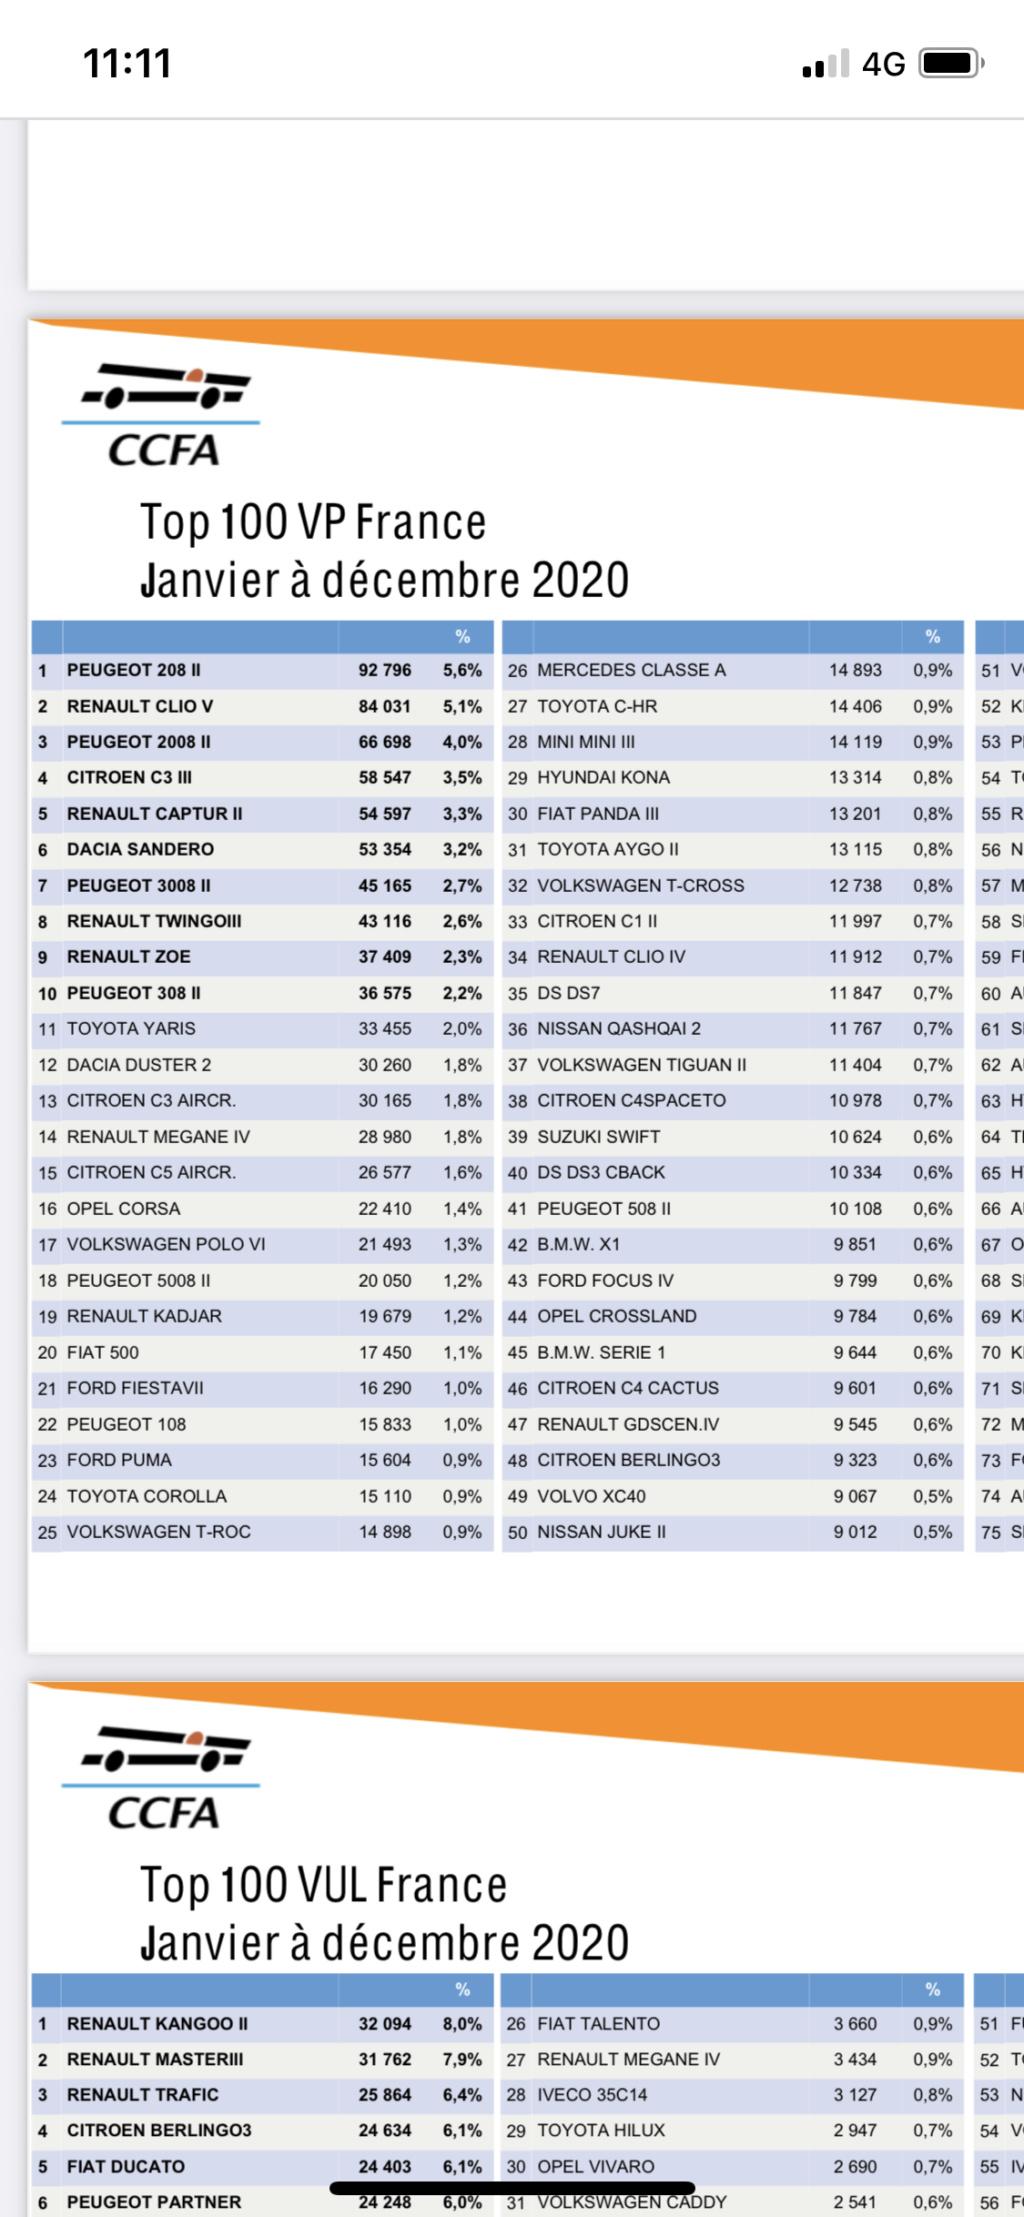 [Statistiques] Les chiffres européens  - Page 36 1f0ace10